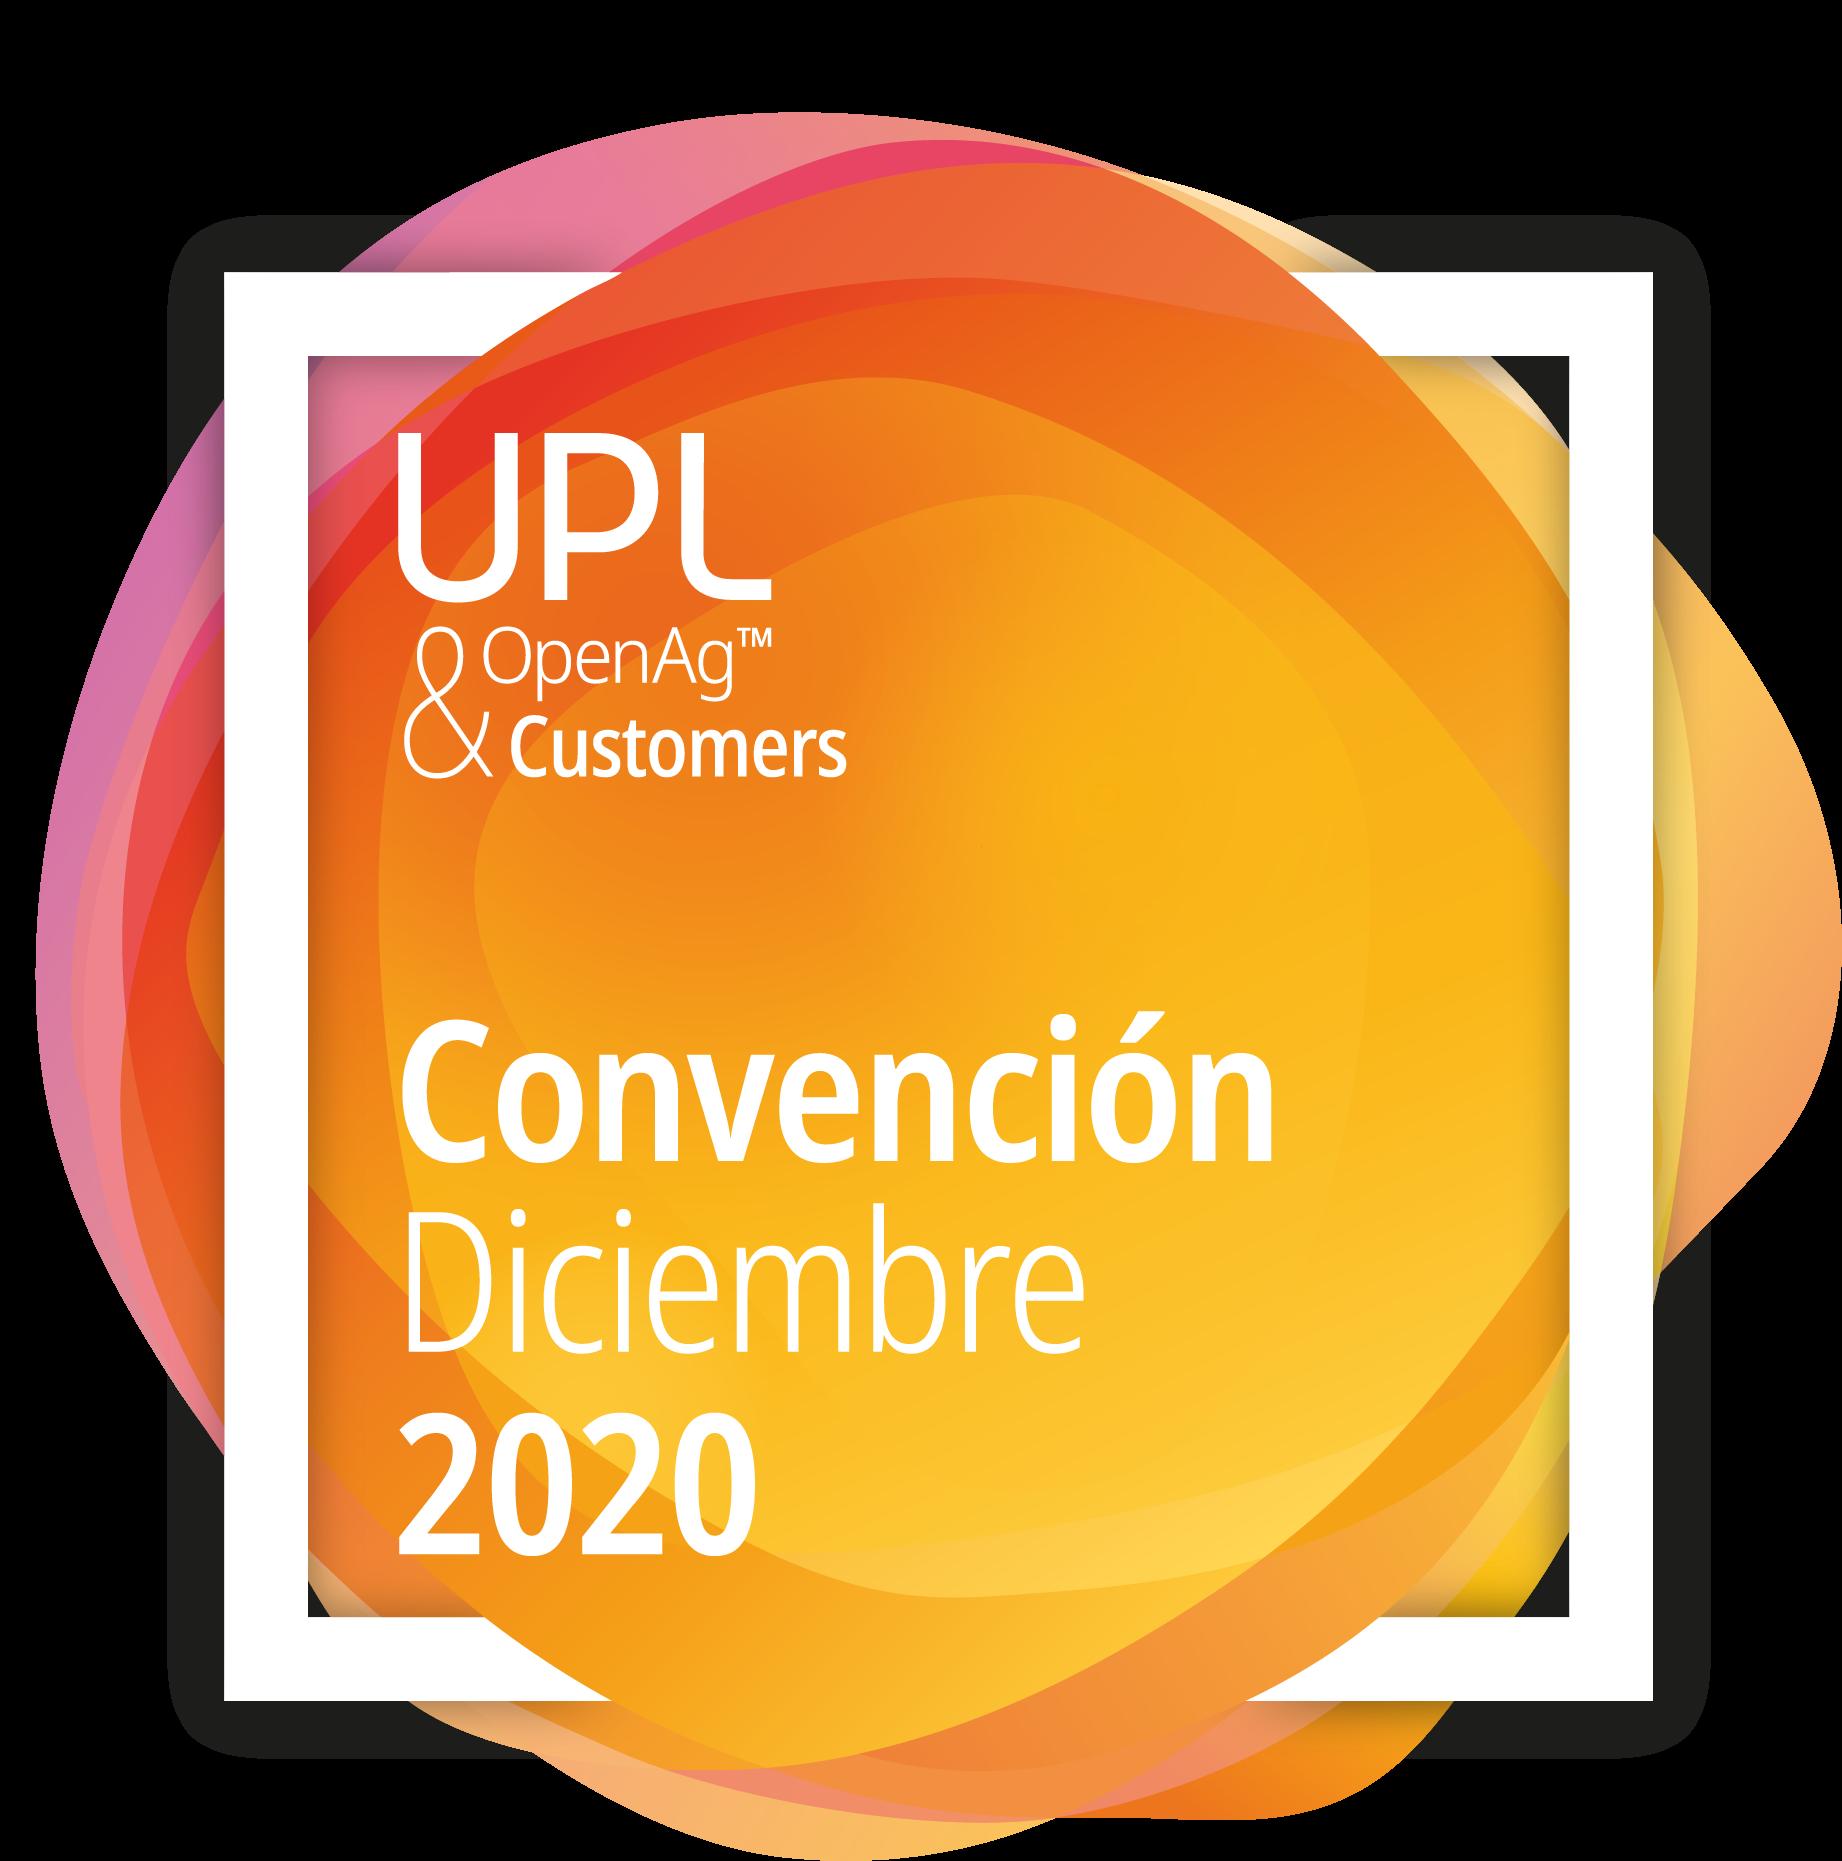 Logotipo Convención UPL diciembre 2020